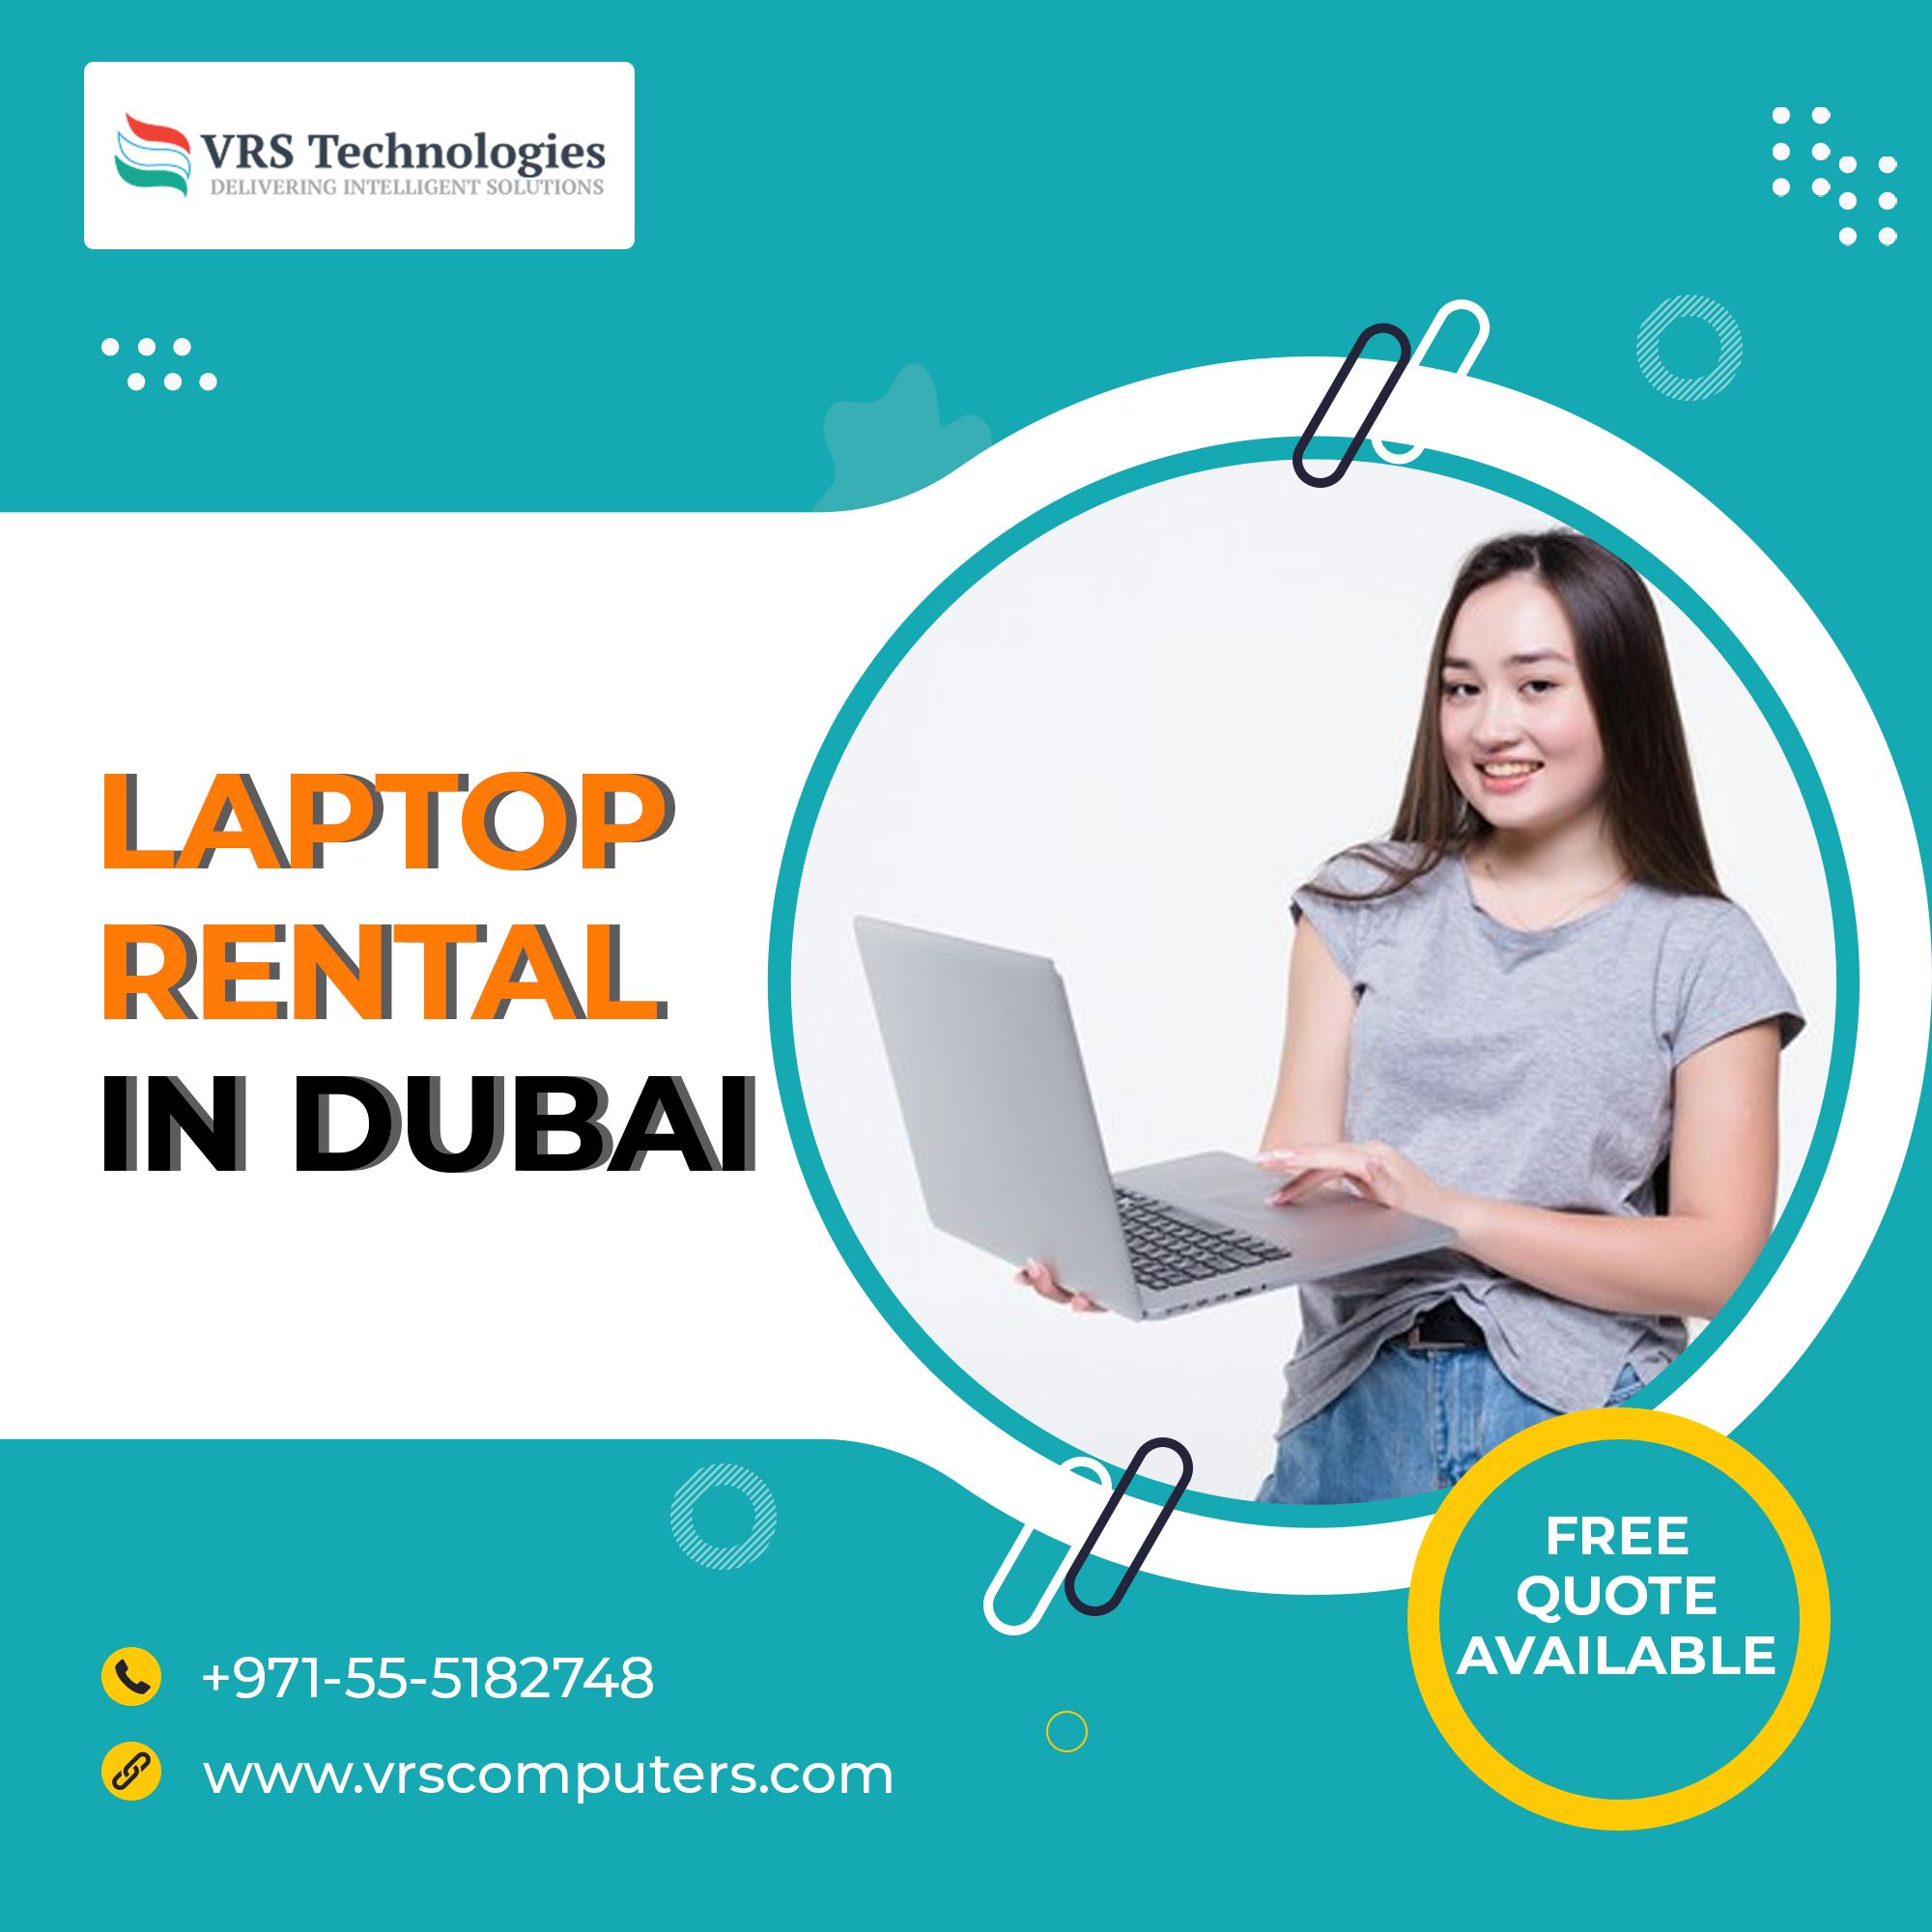 Laptop-Rental-Dubai.jpg